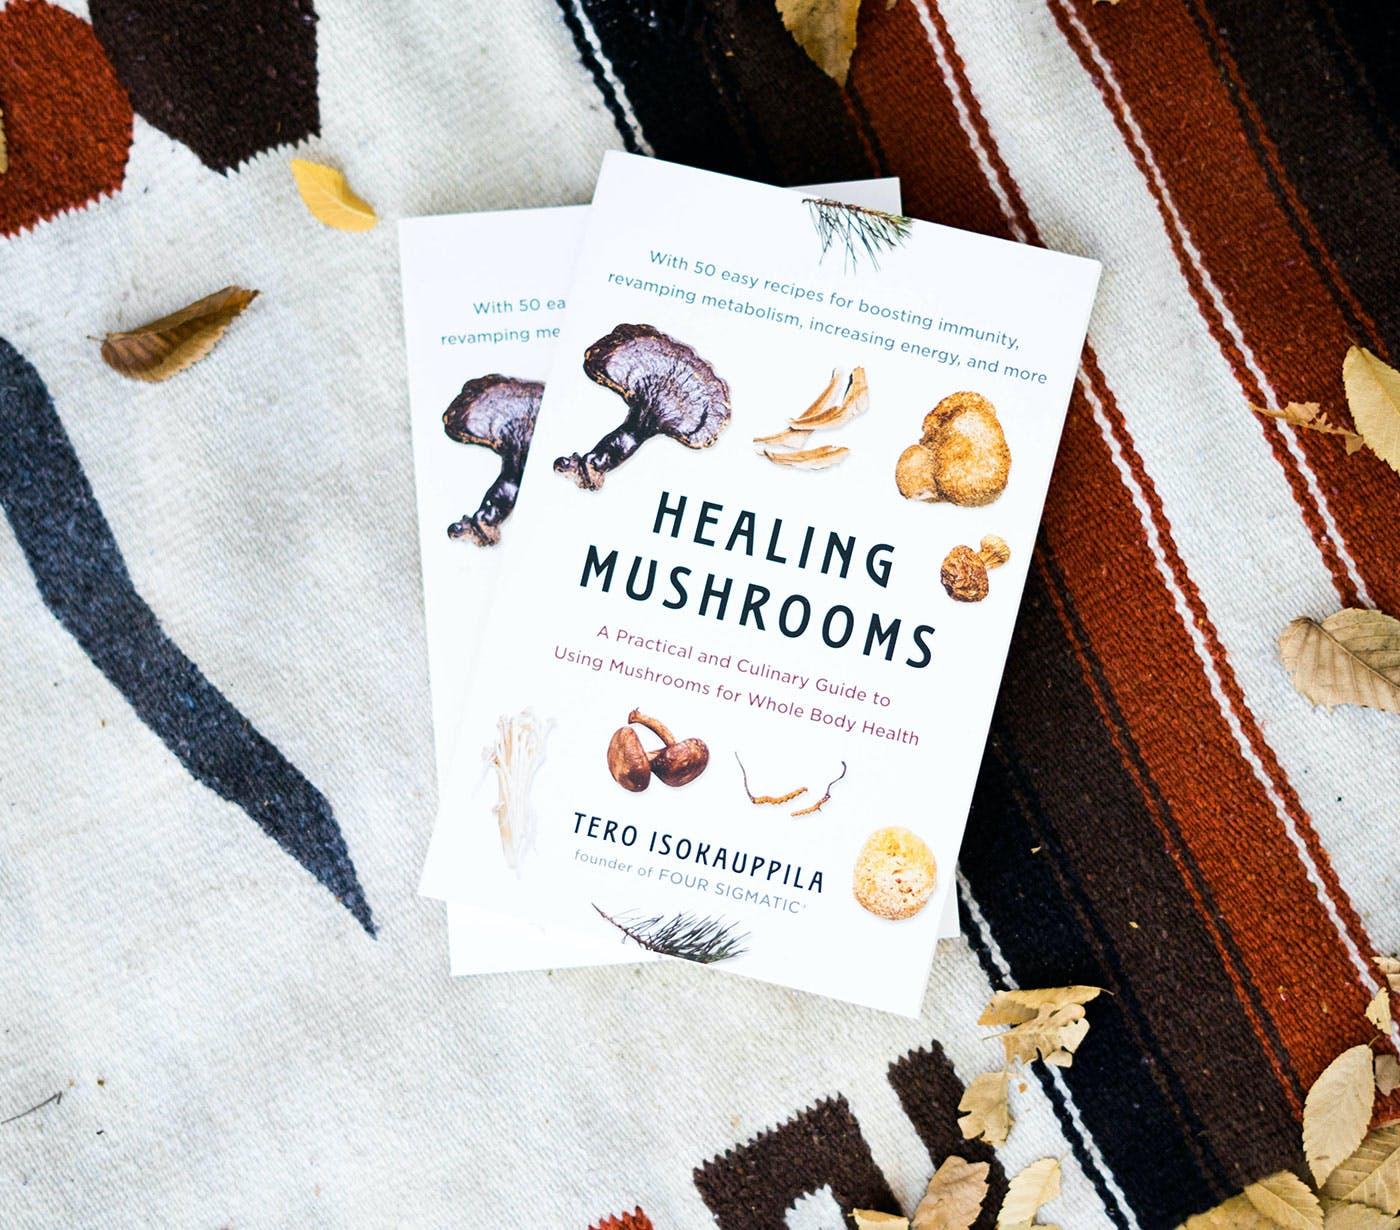 Healing mushrooms book by Tero Isokauppila